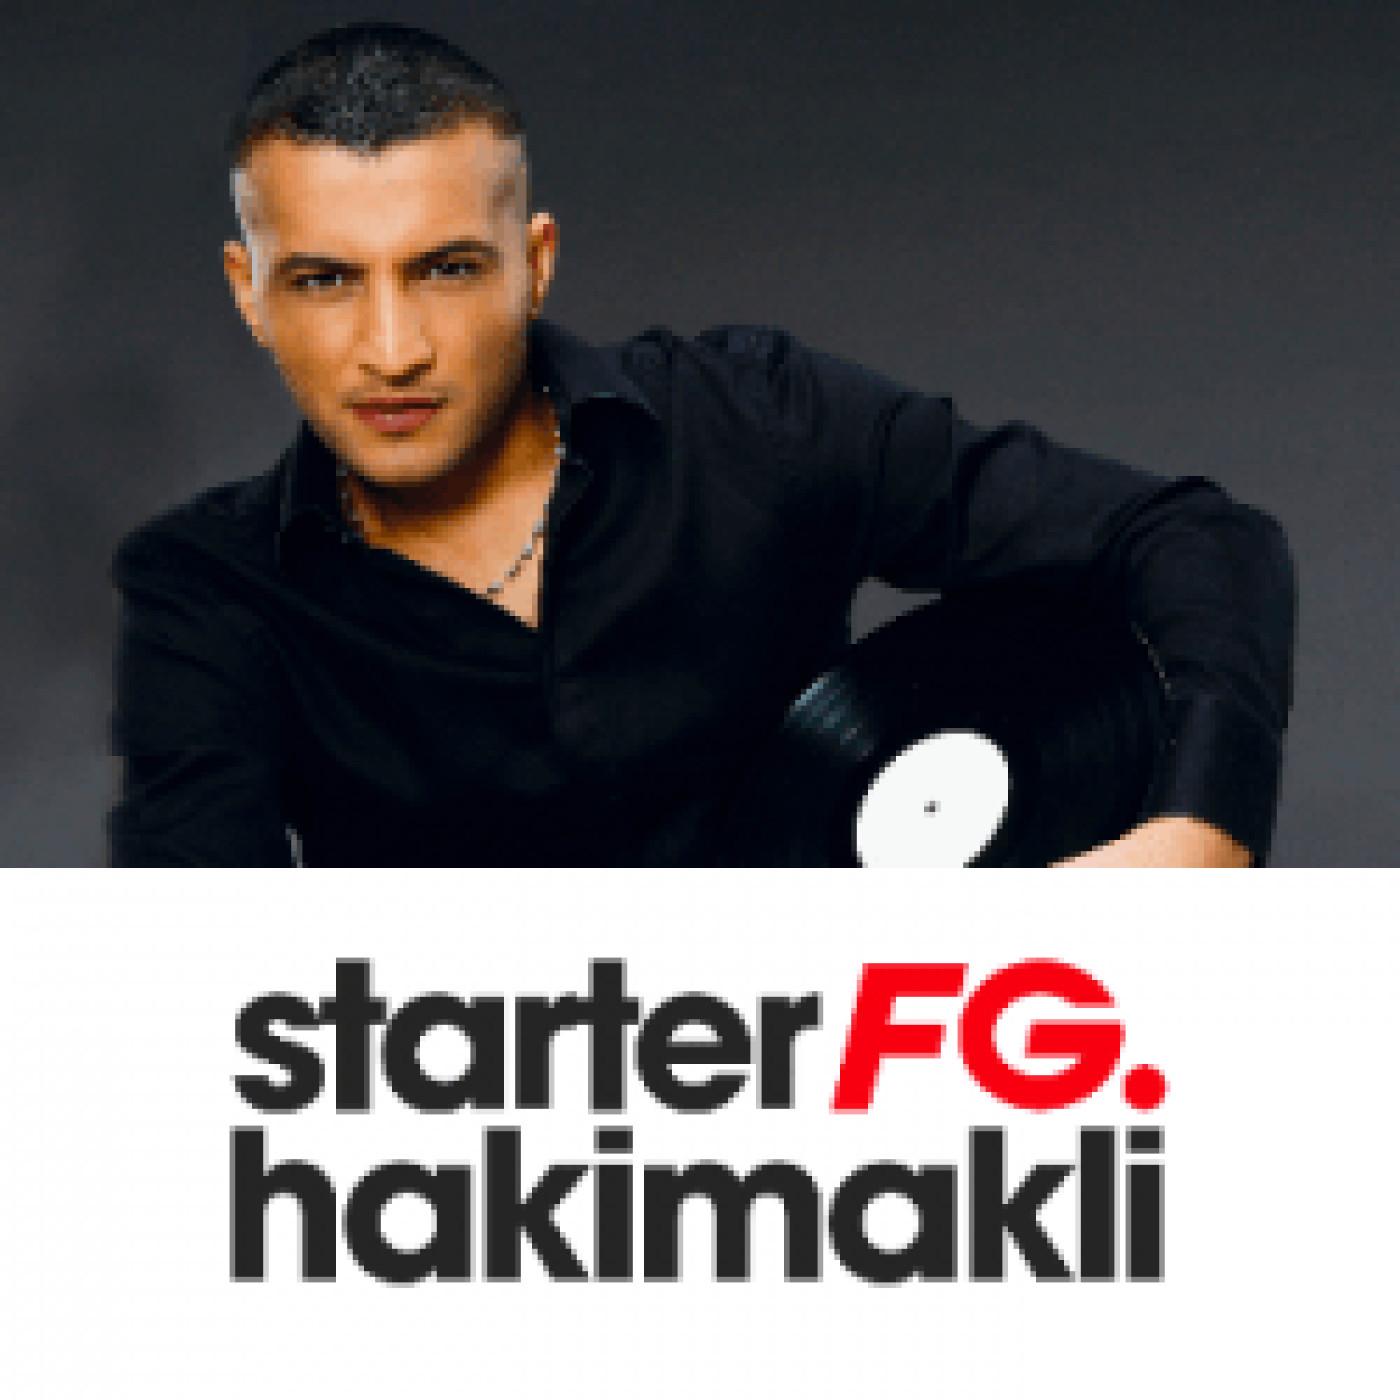 STARTER FG BY HAKIMAKLI LUNDI 14 SEPTEMBRE 2020